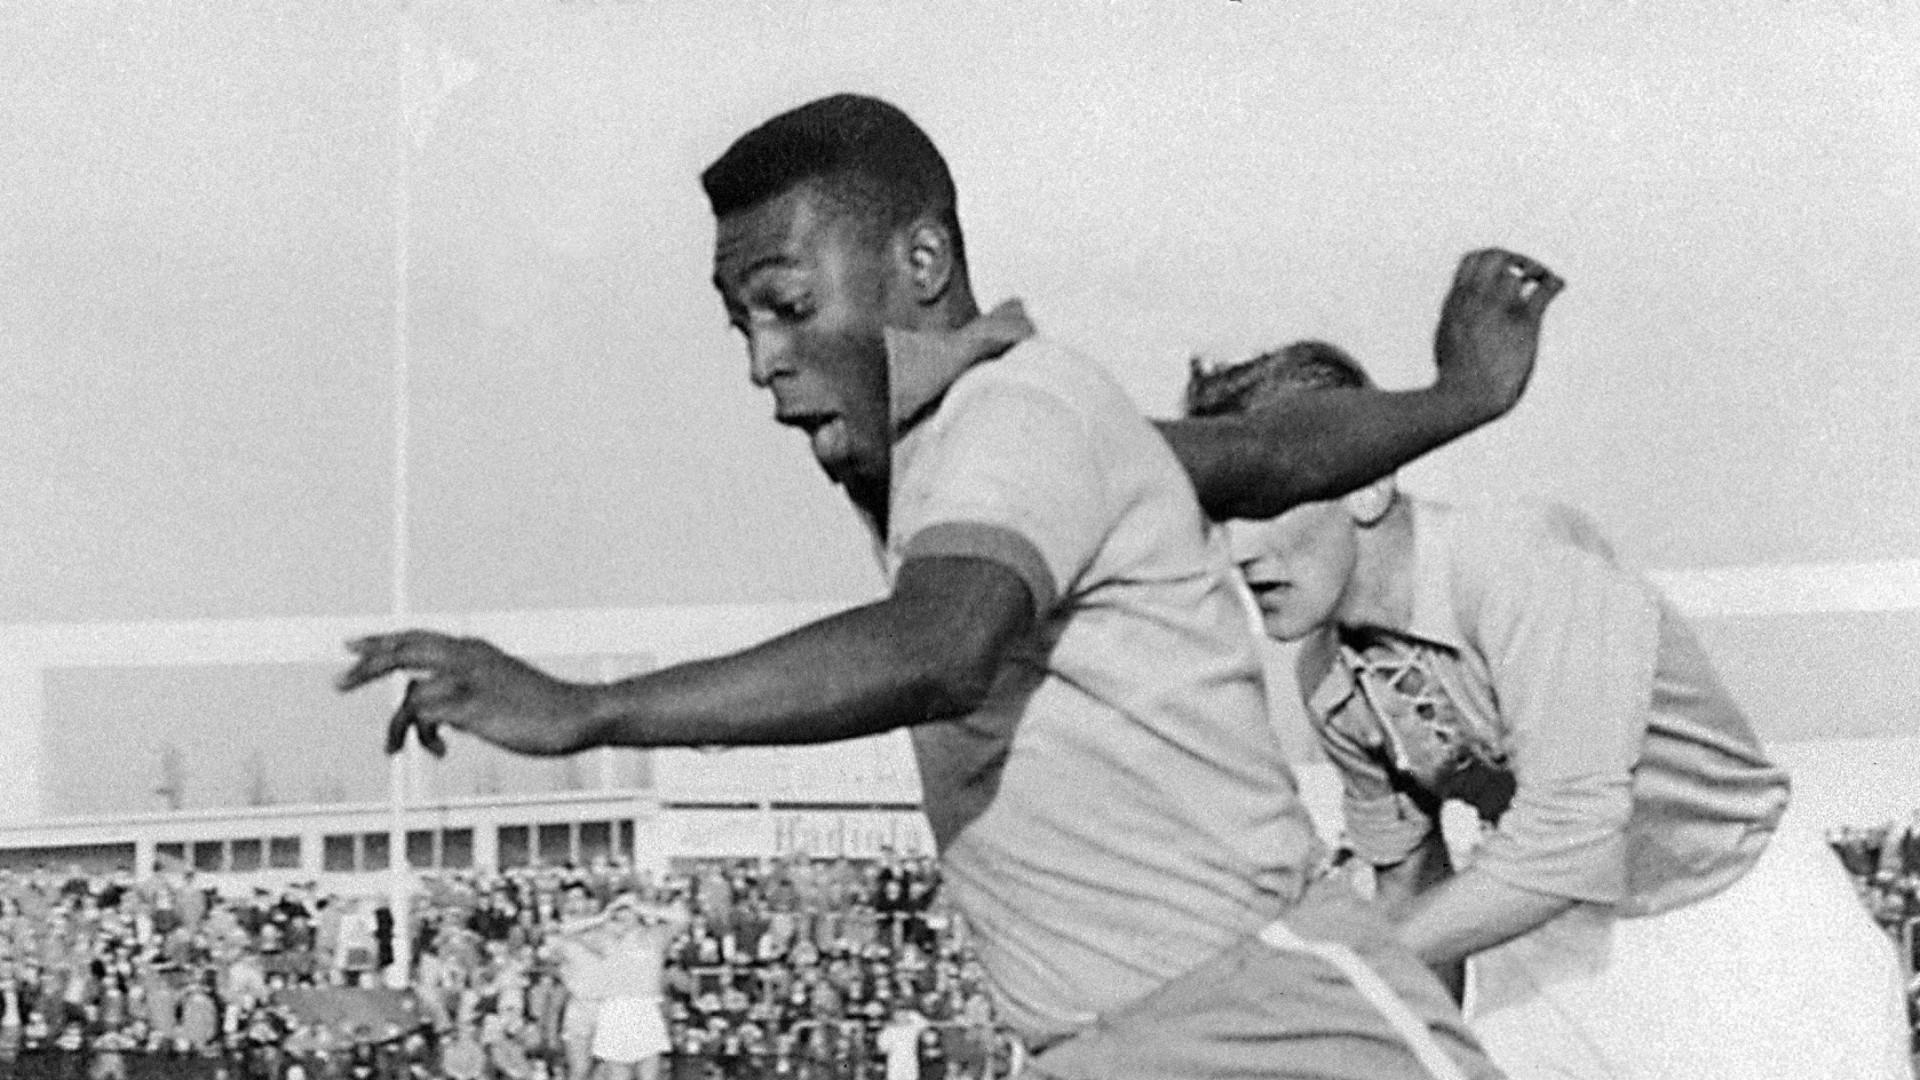 Pele 1960